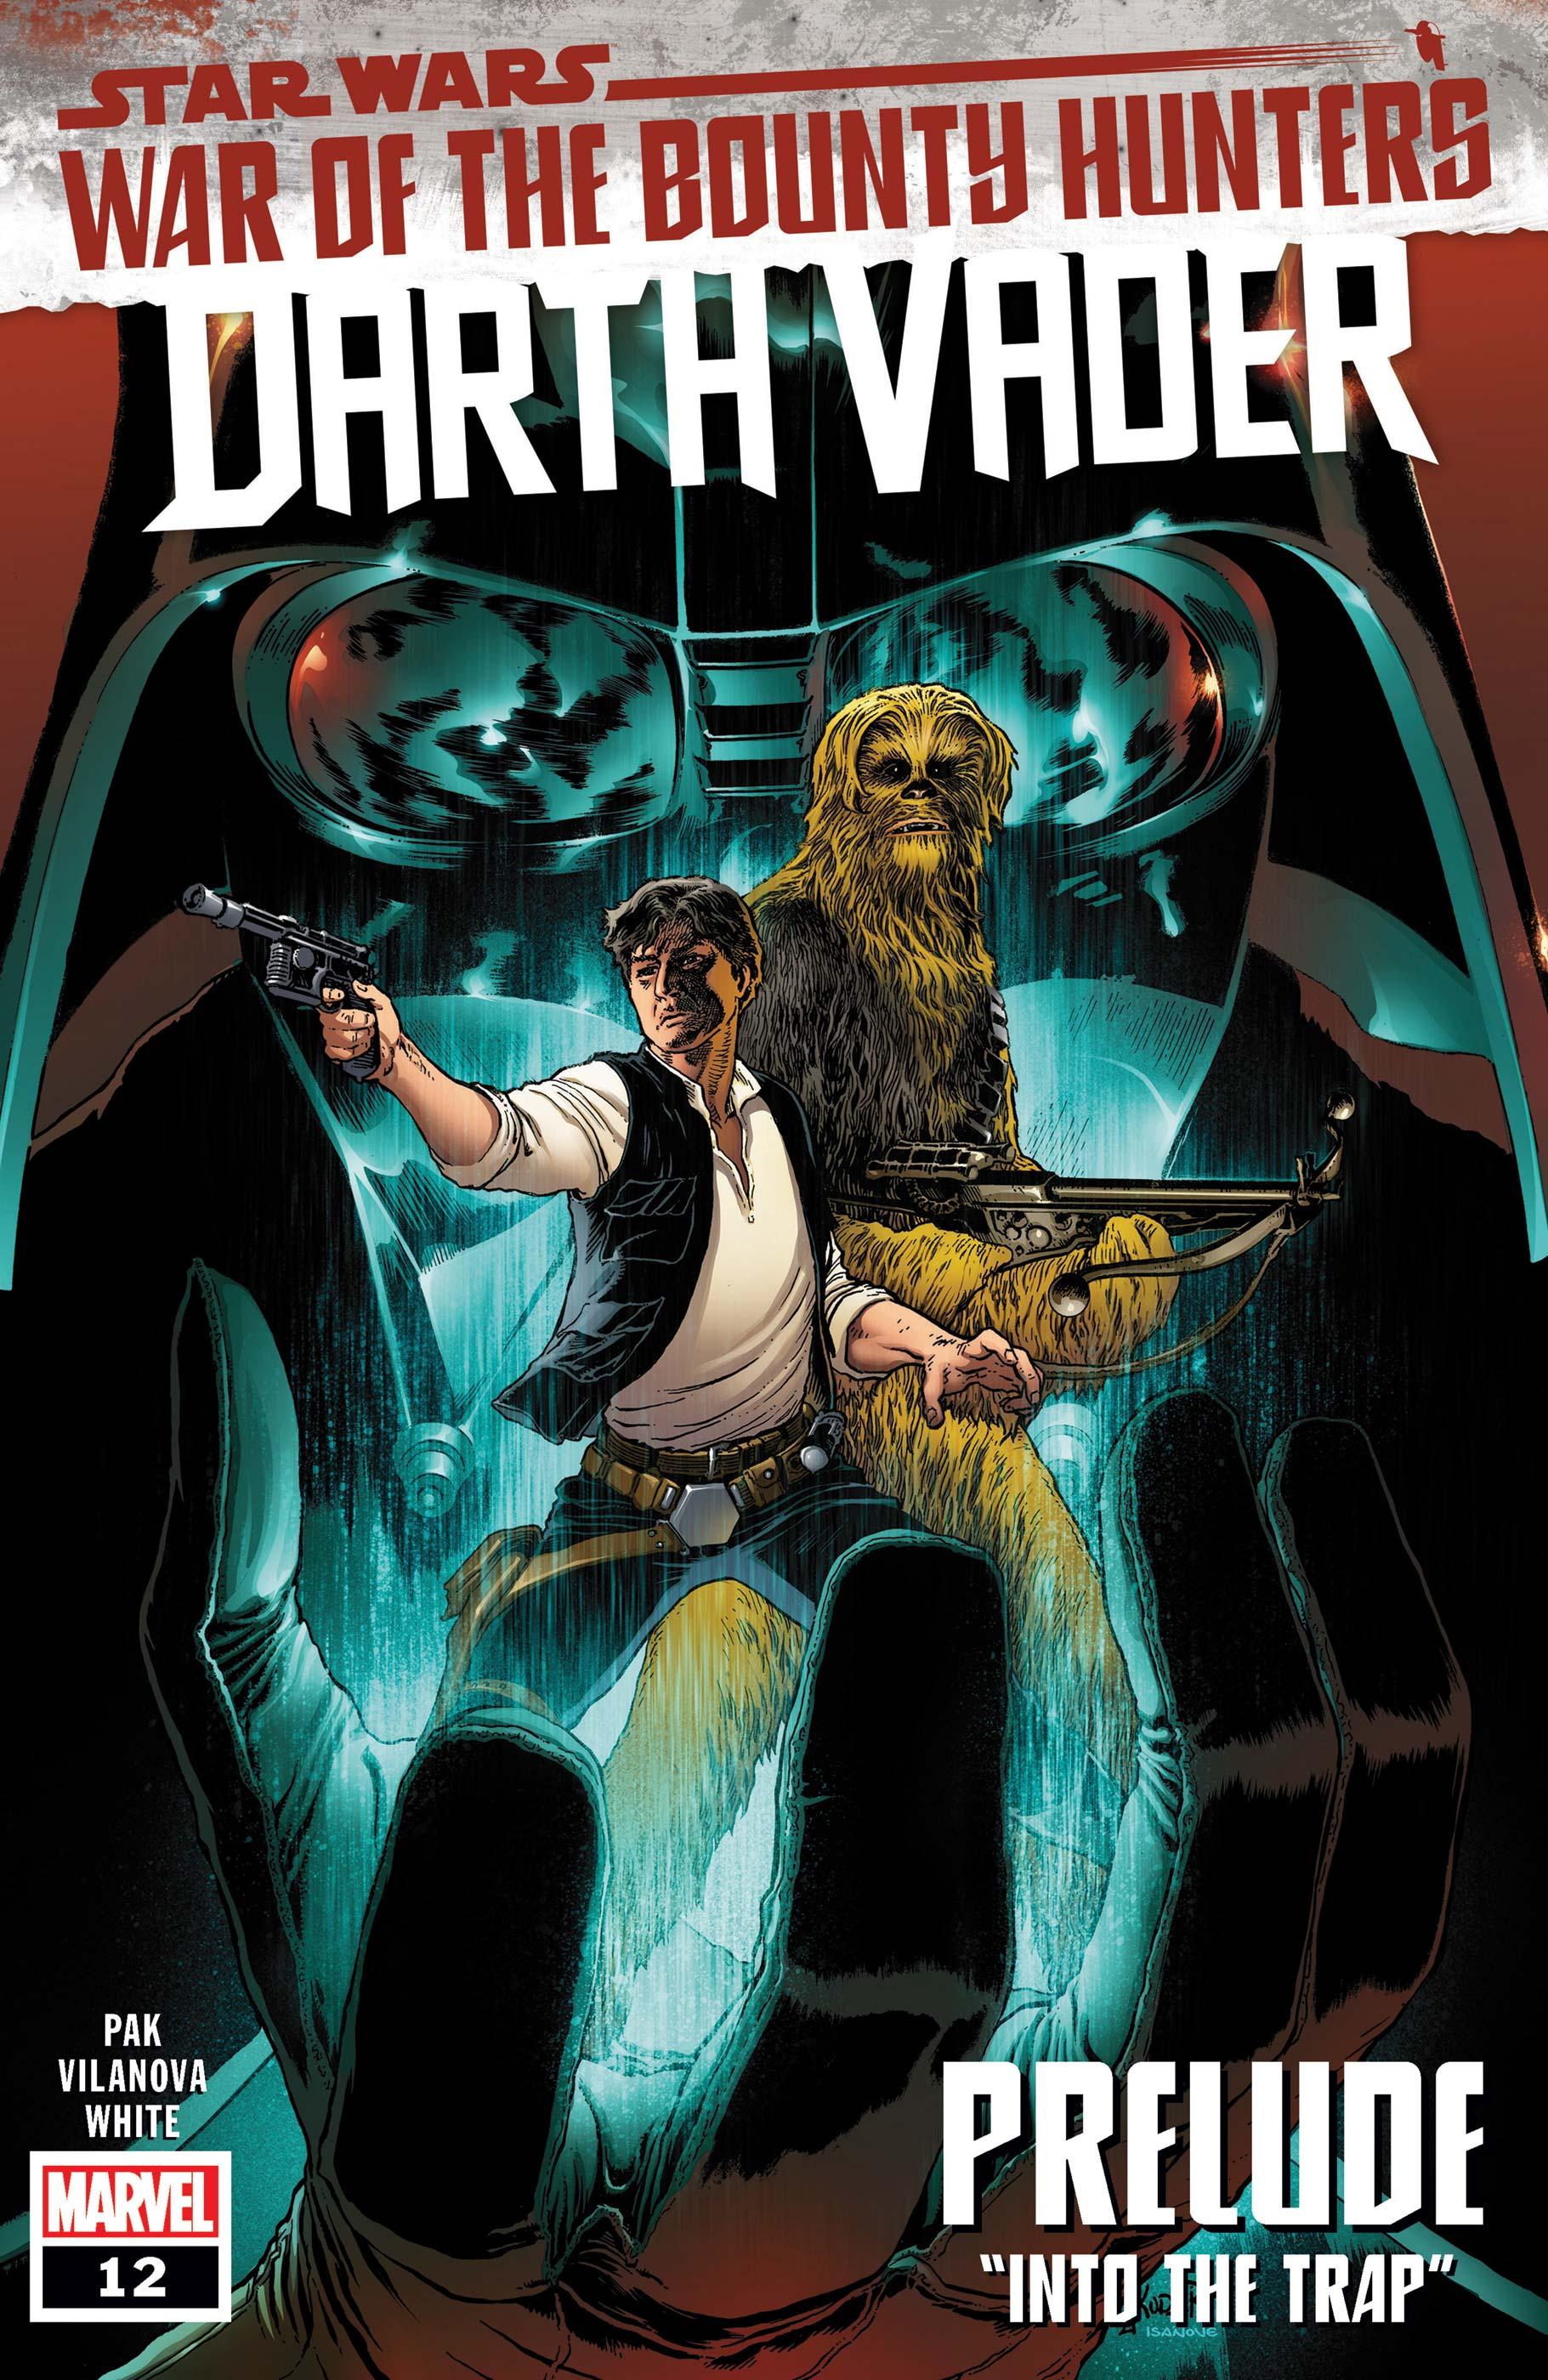 Star Wars: Darth Vader (2020) #12